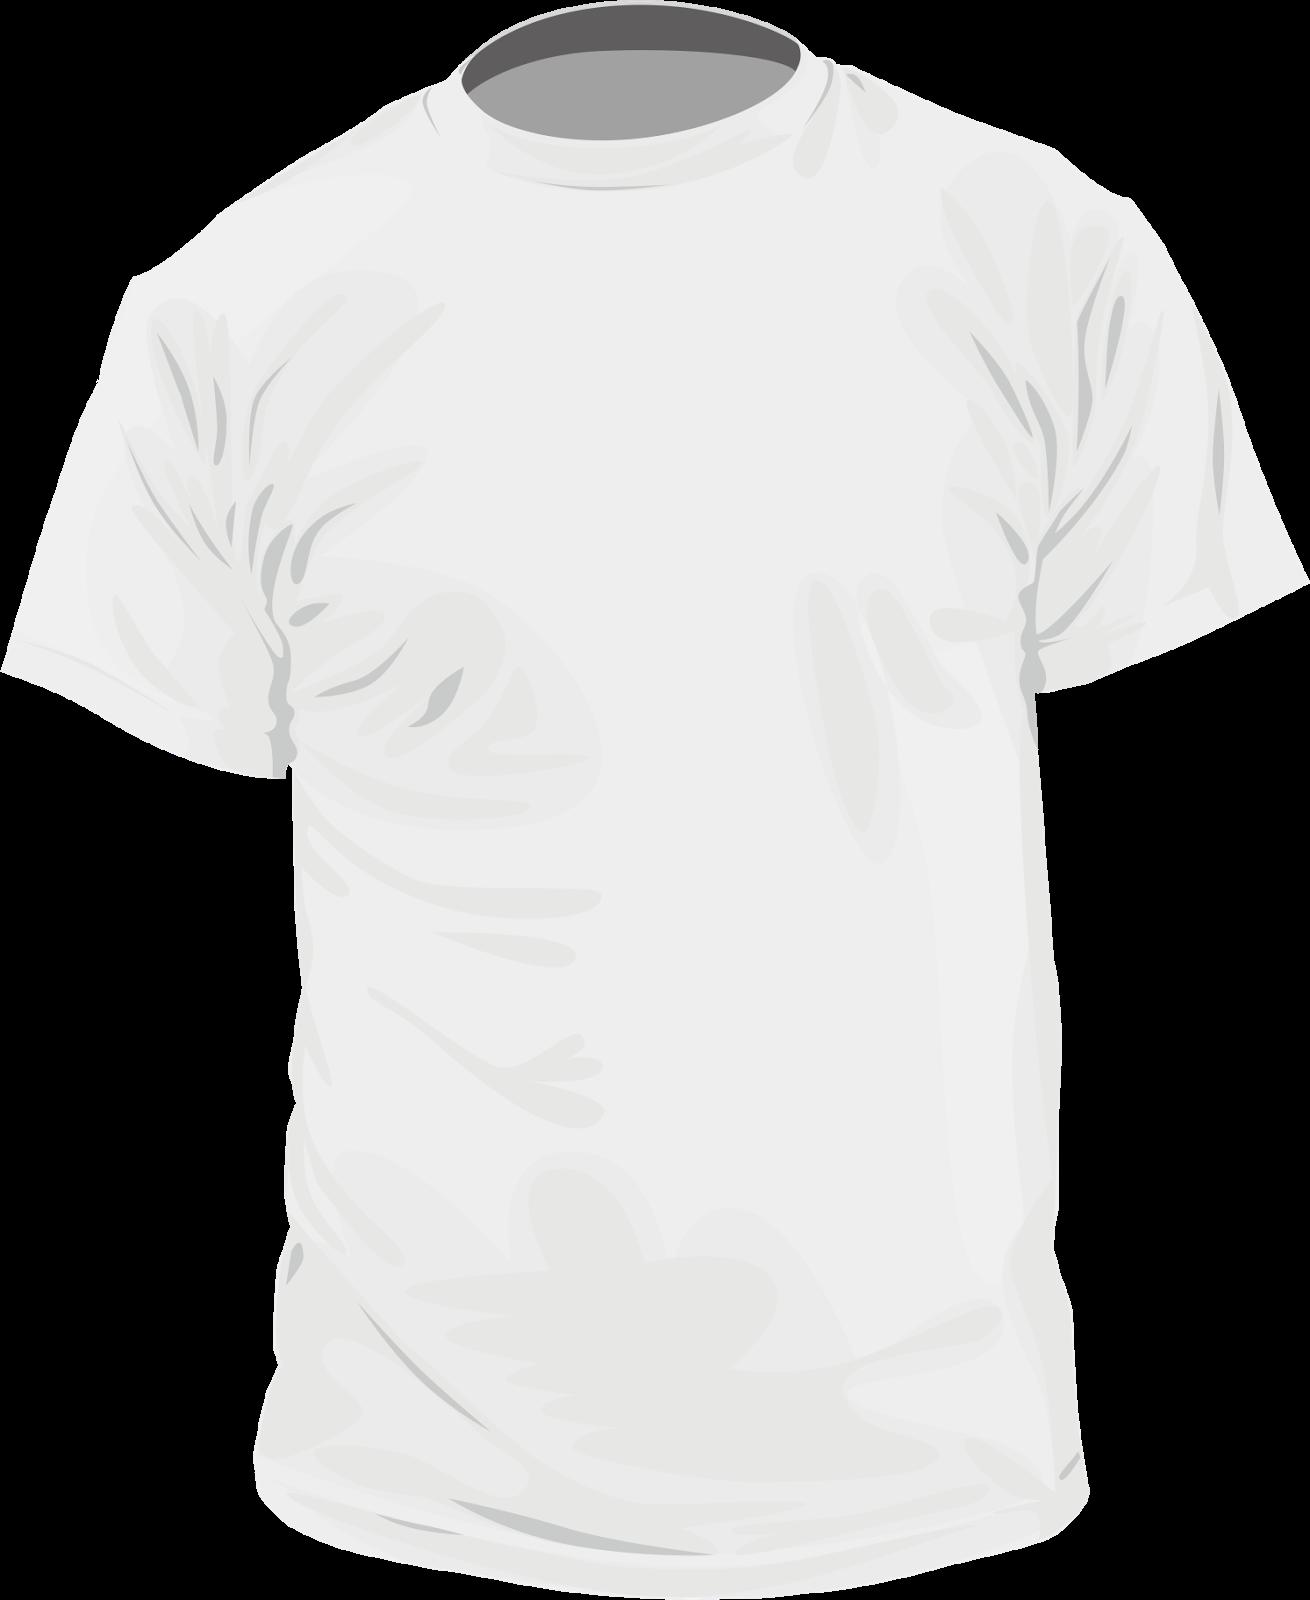 Shirt Vector Template Template T-shirt Kaos Putih